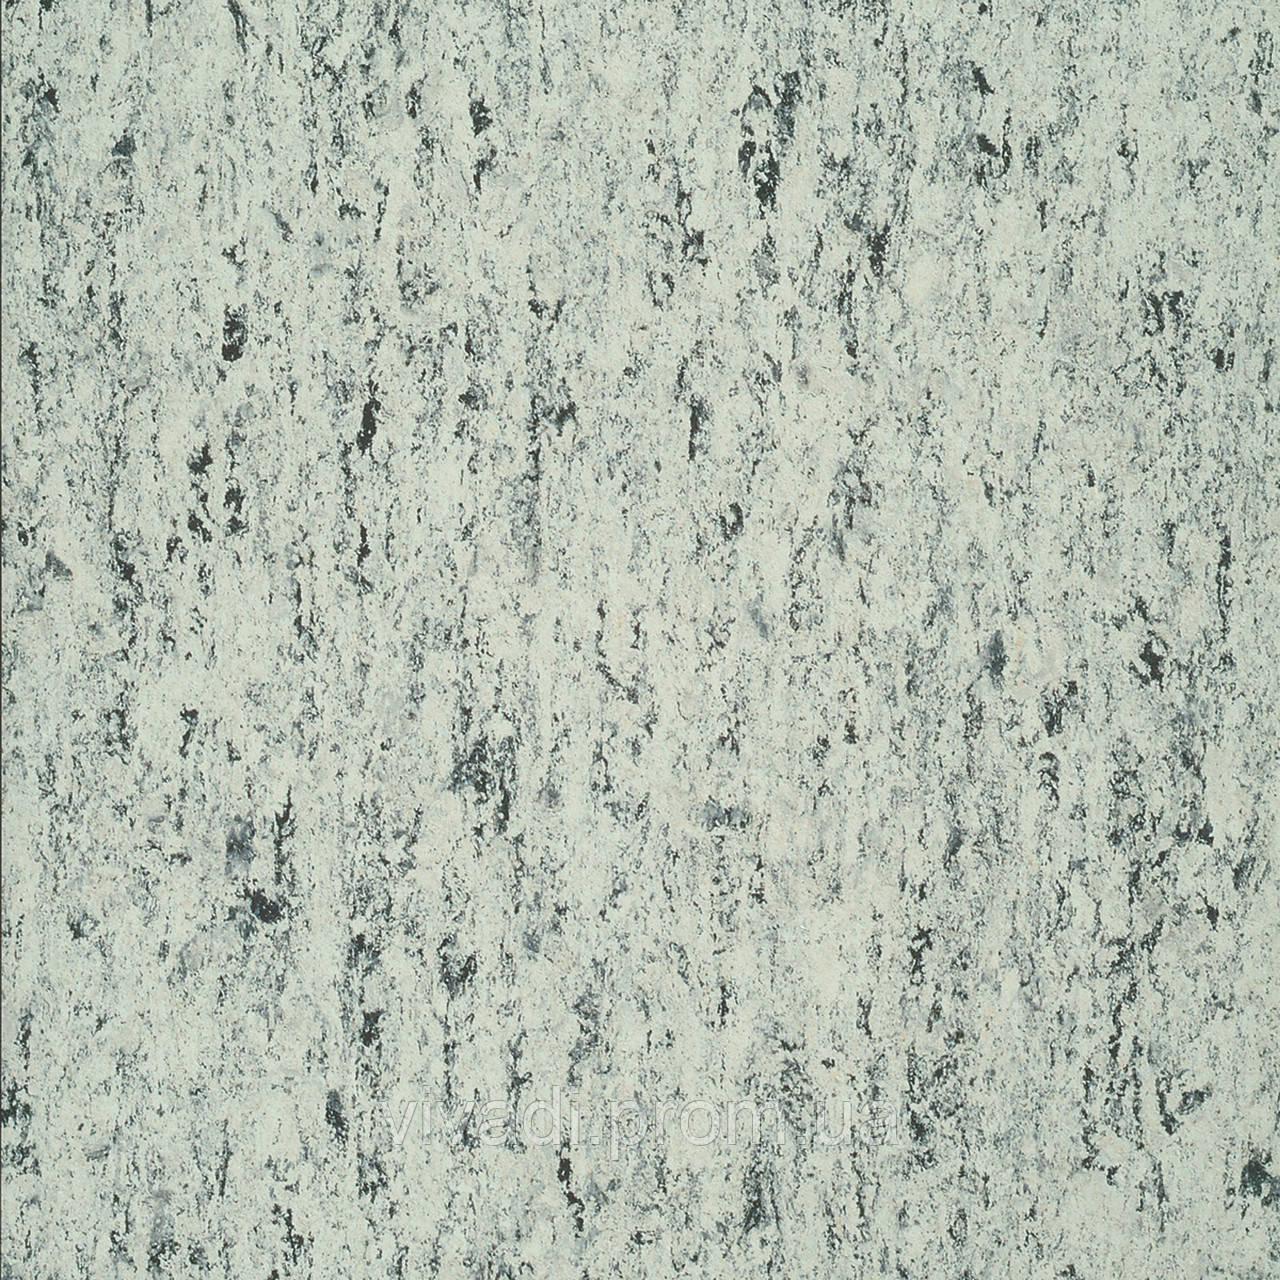 Натуральний лінолеум Granette PUR - колір 117-057